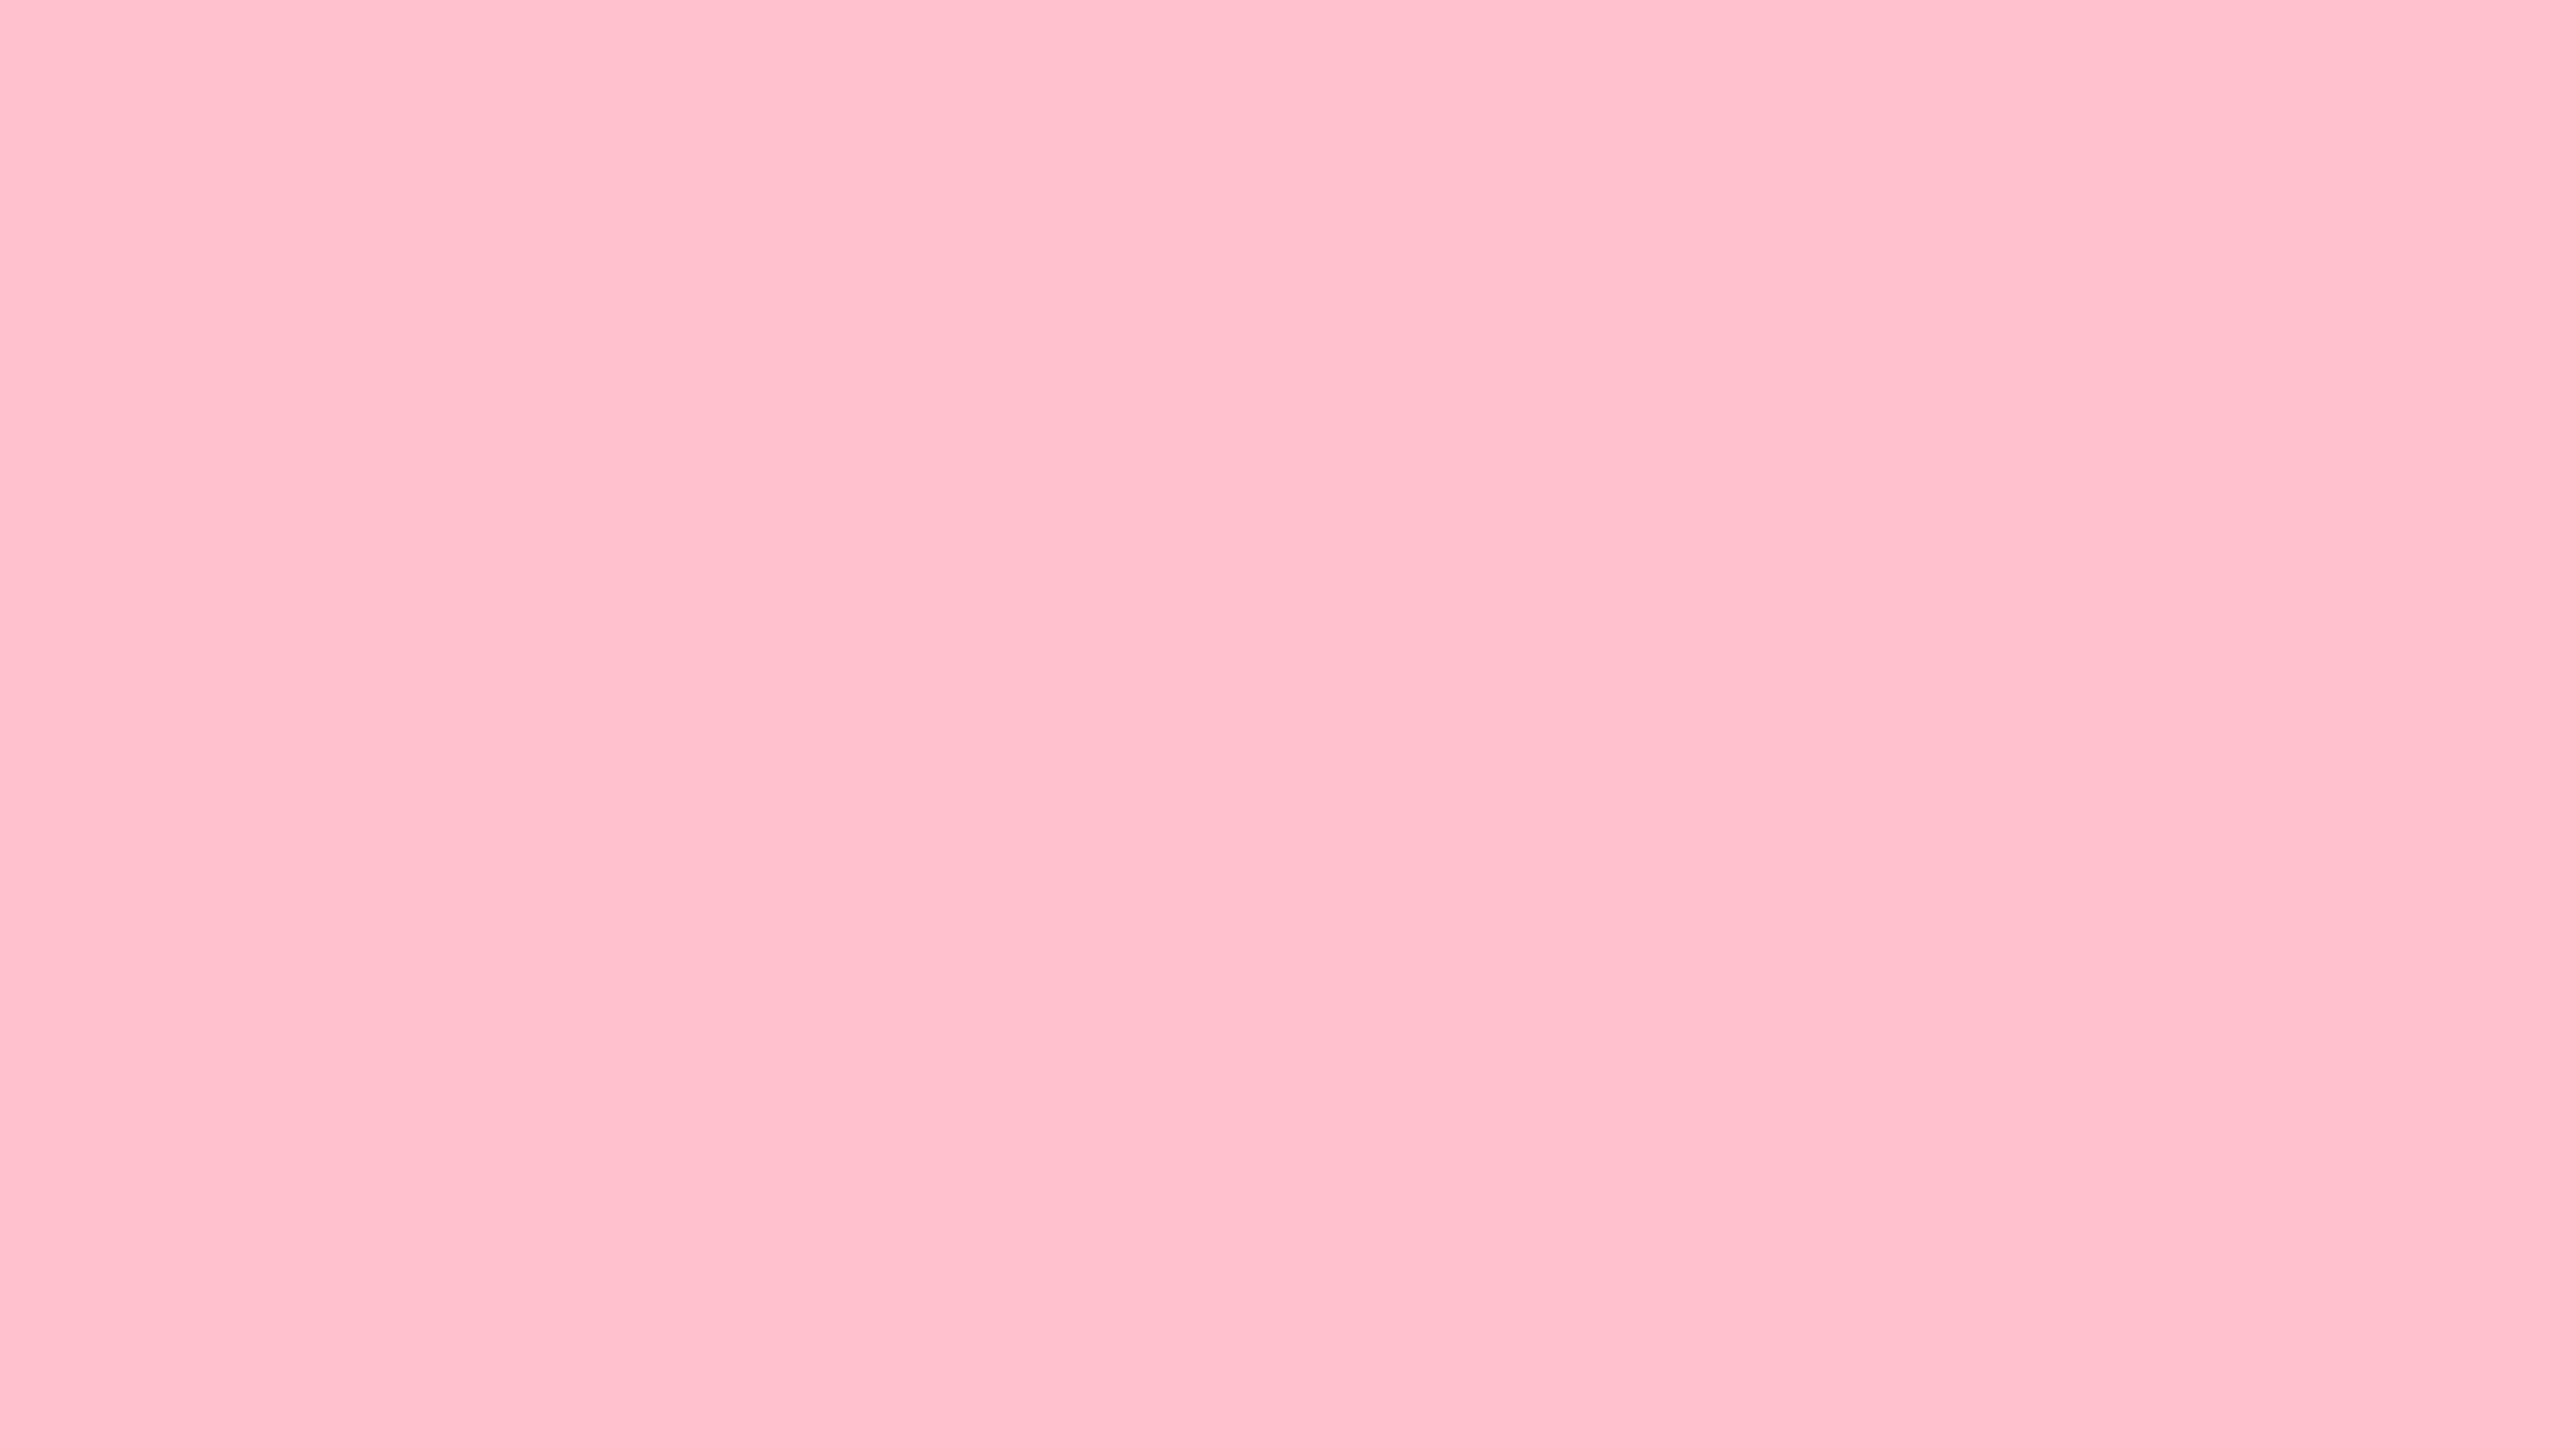 3840x2160 Bubble Gum Solid Color Background